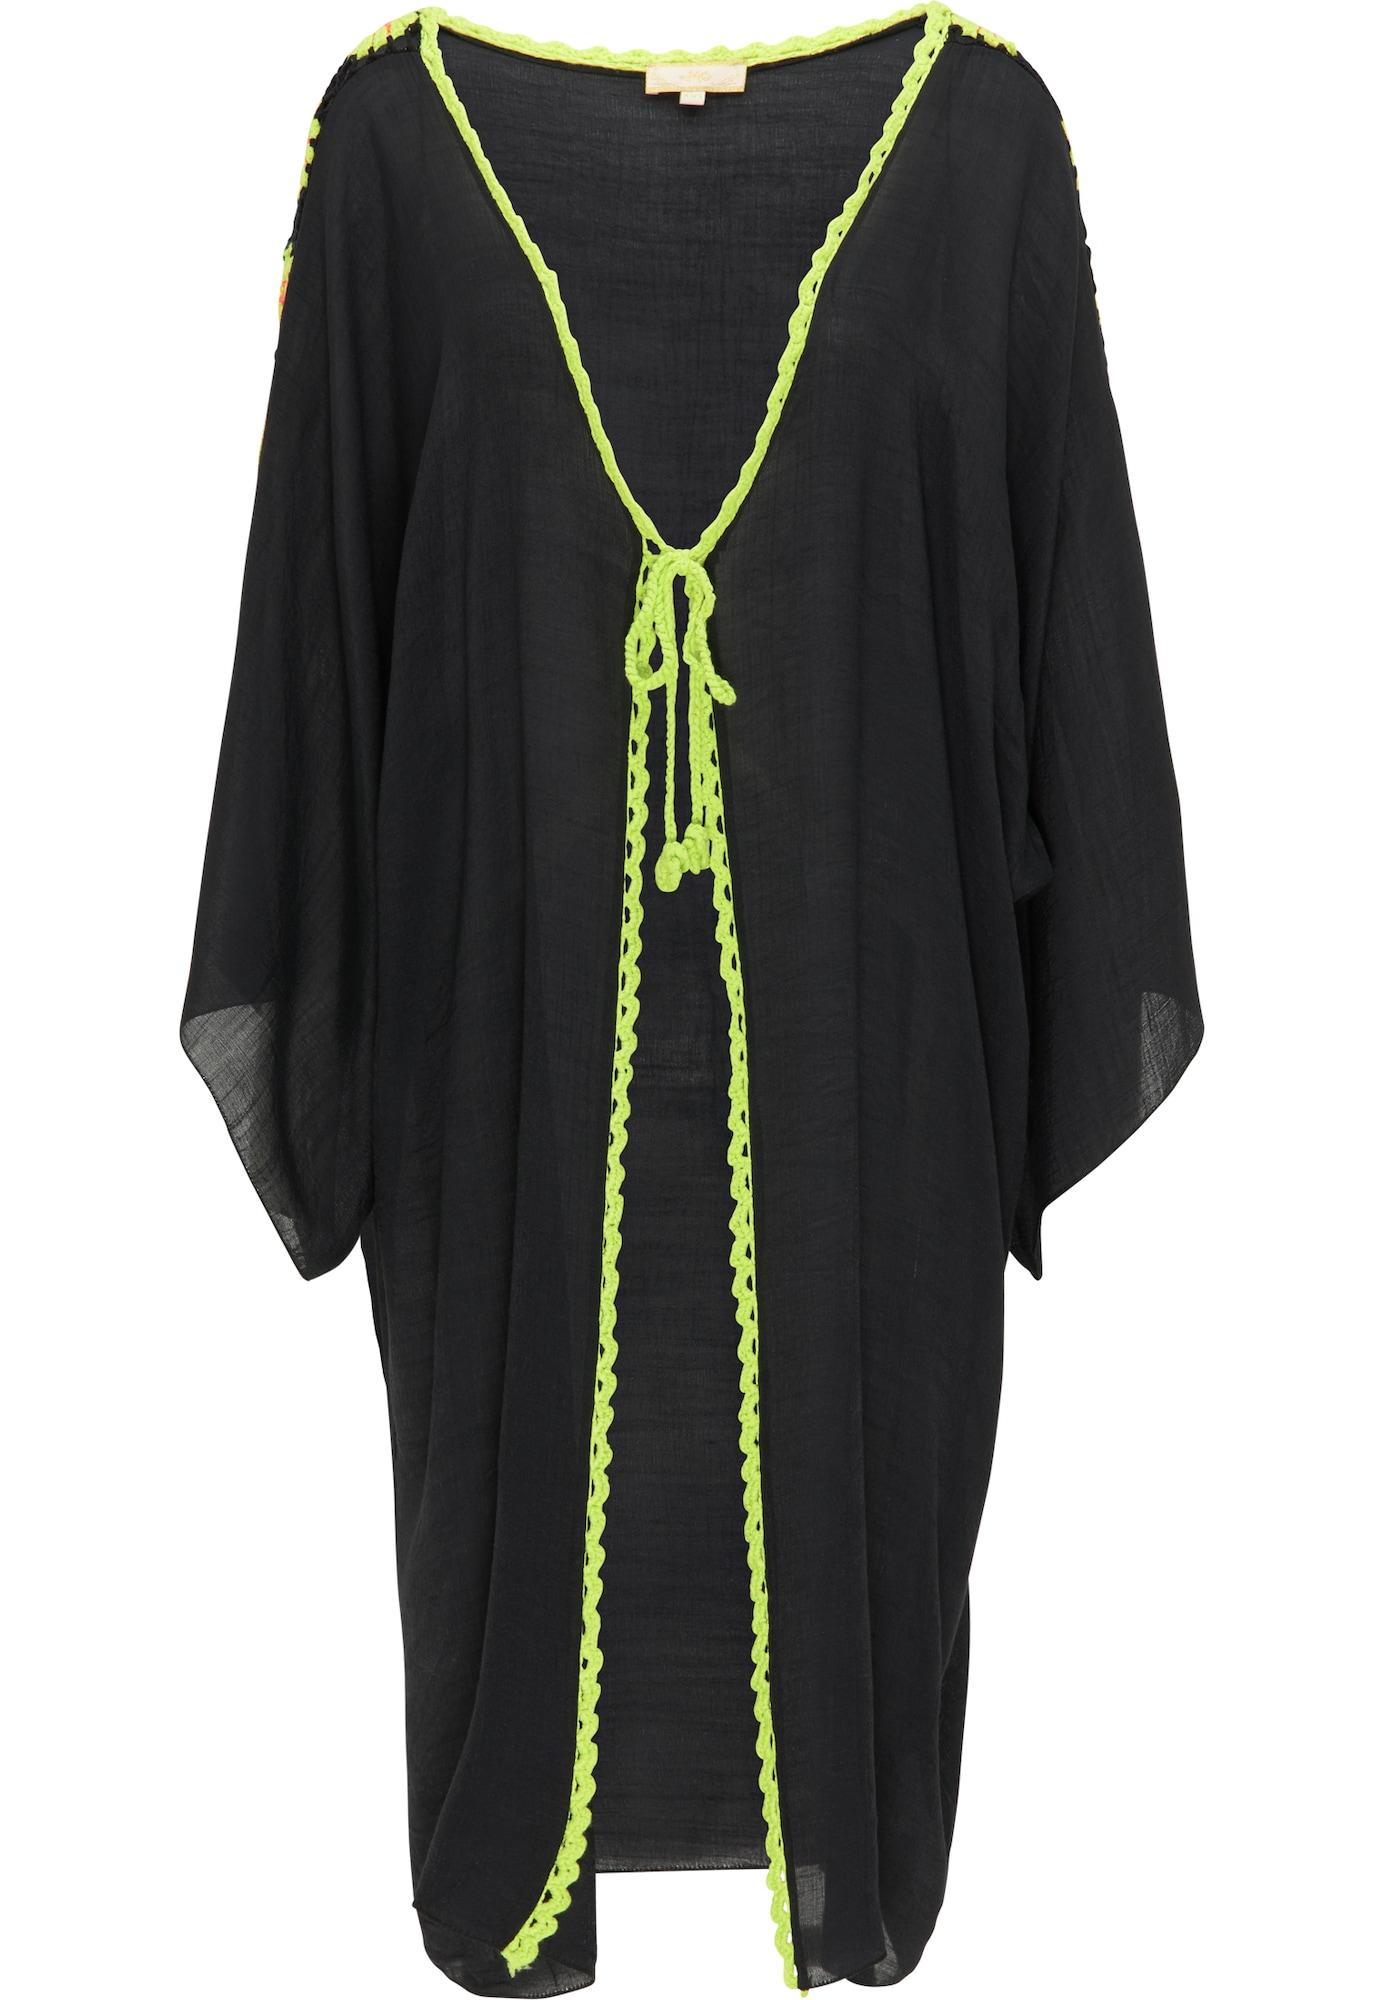 MYMO Kimono juoda / neoninė žalia / lašišų spalva